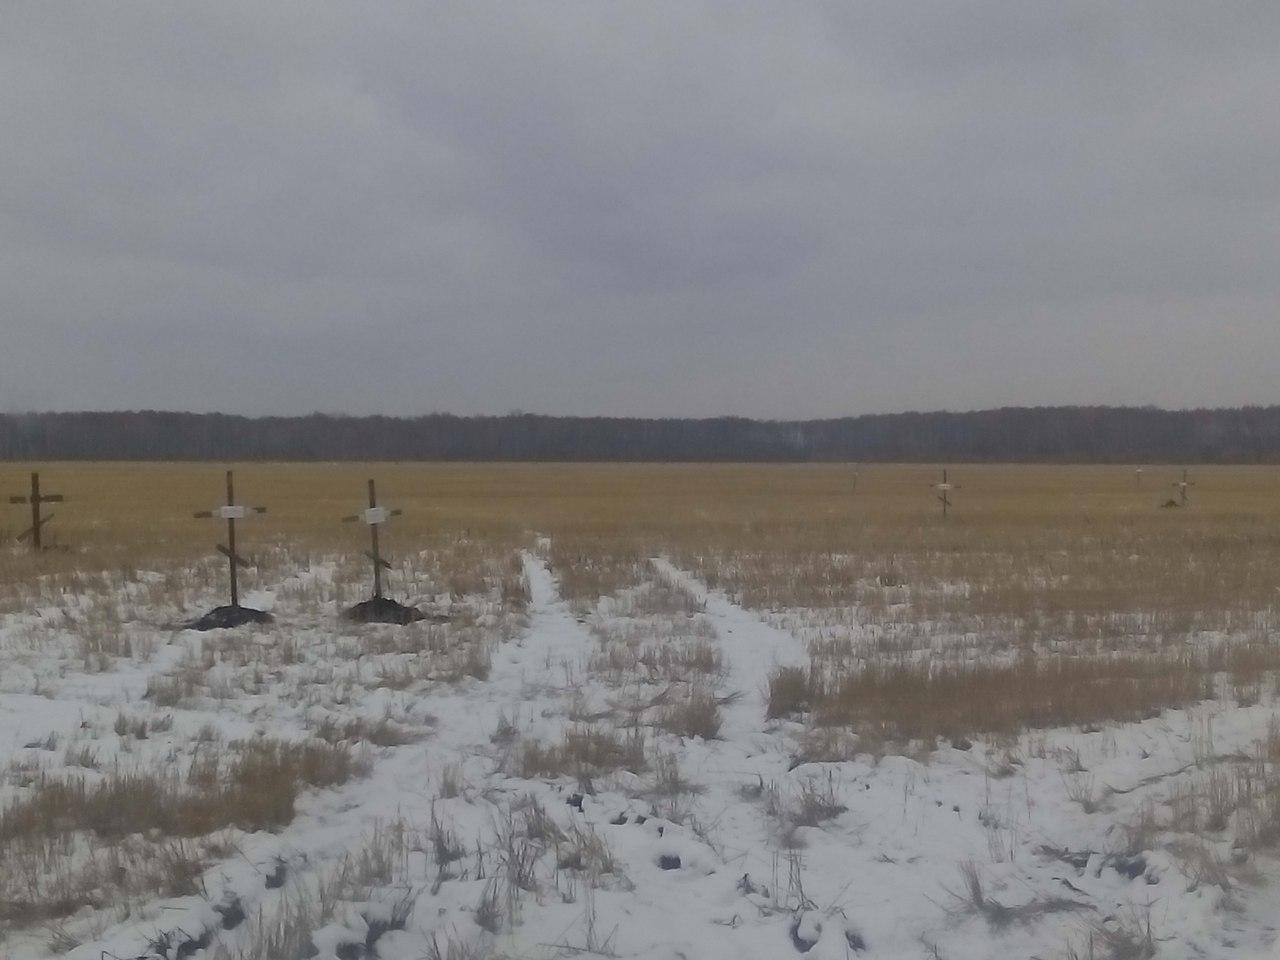 Вполе под Омском обнаружили свежие могильные кресты стабличками наанглийском